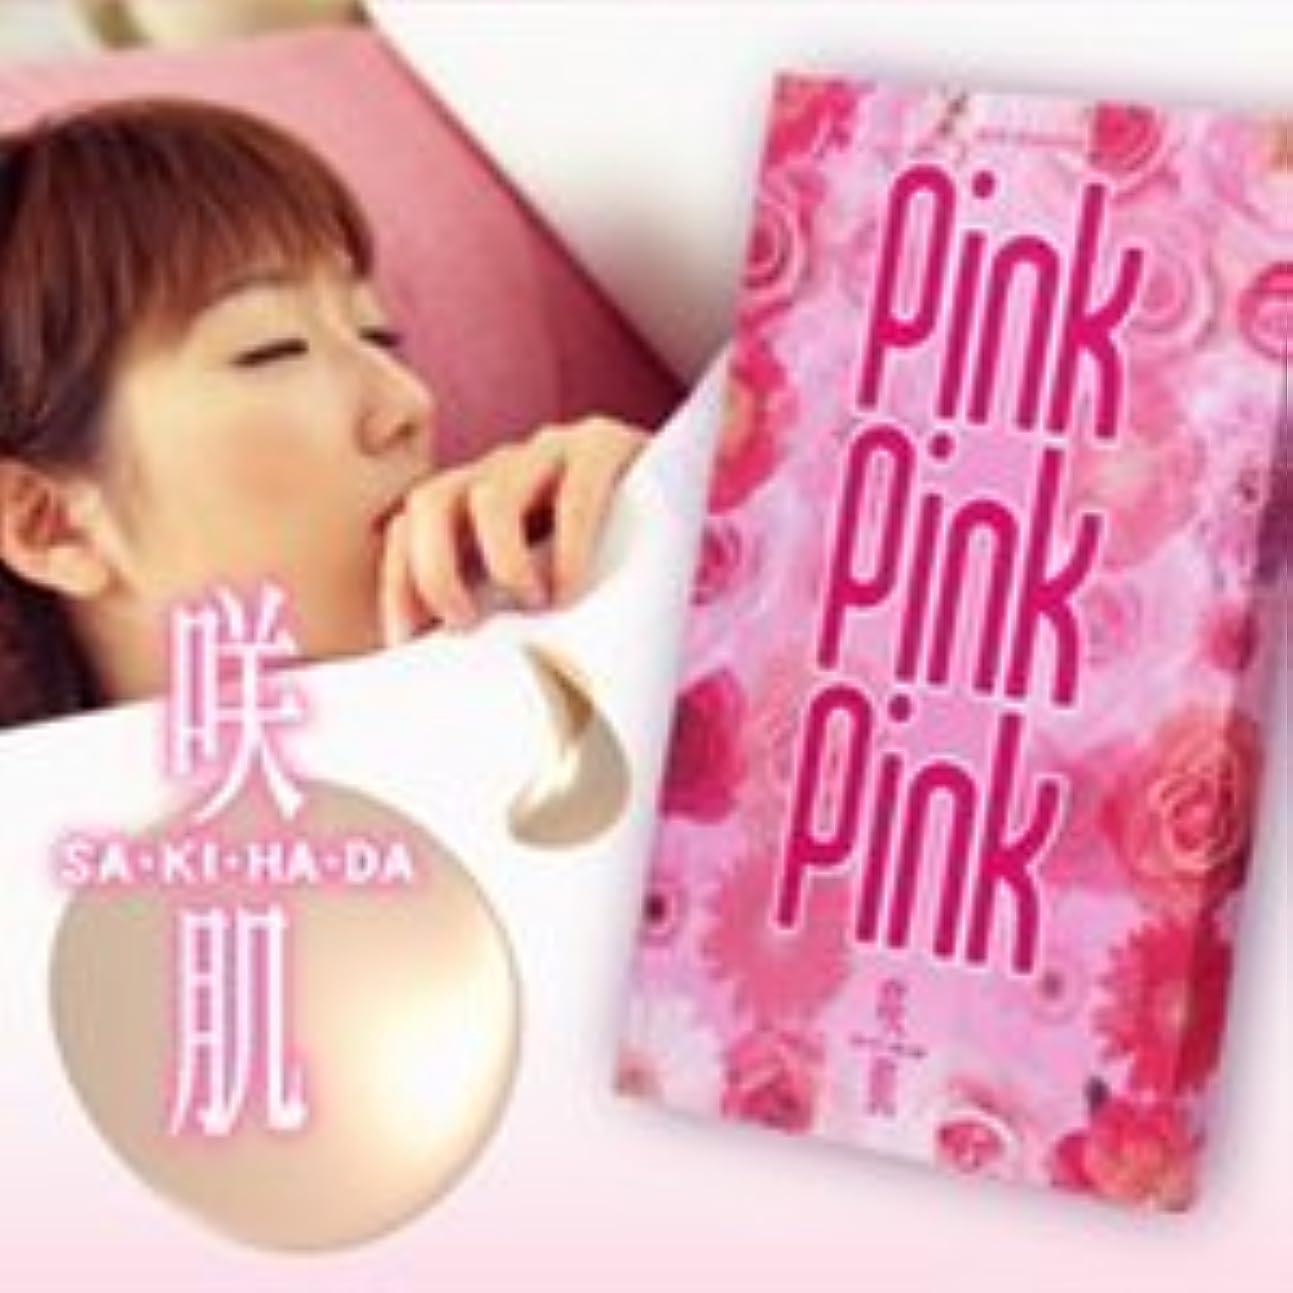 ポータブル刺激する西咲肌 PinkPinkPink バストうるるんマスク 3個セット?